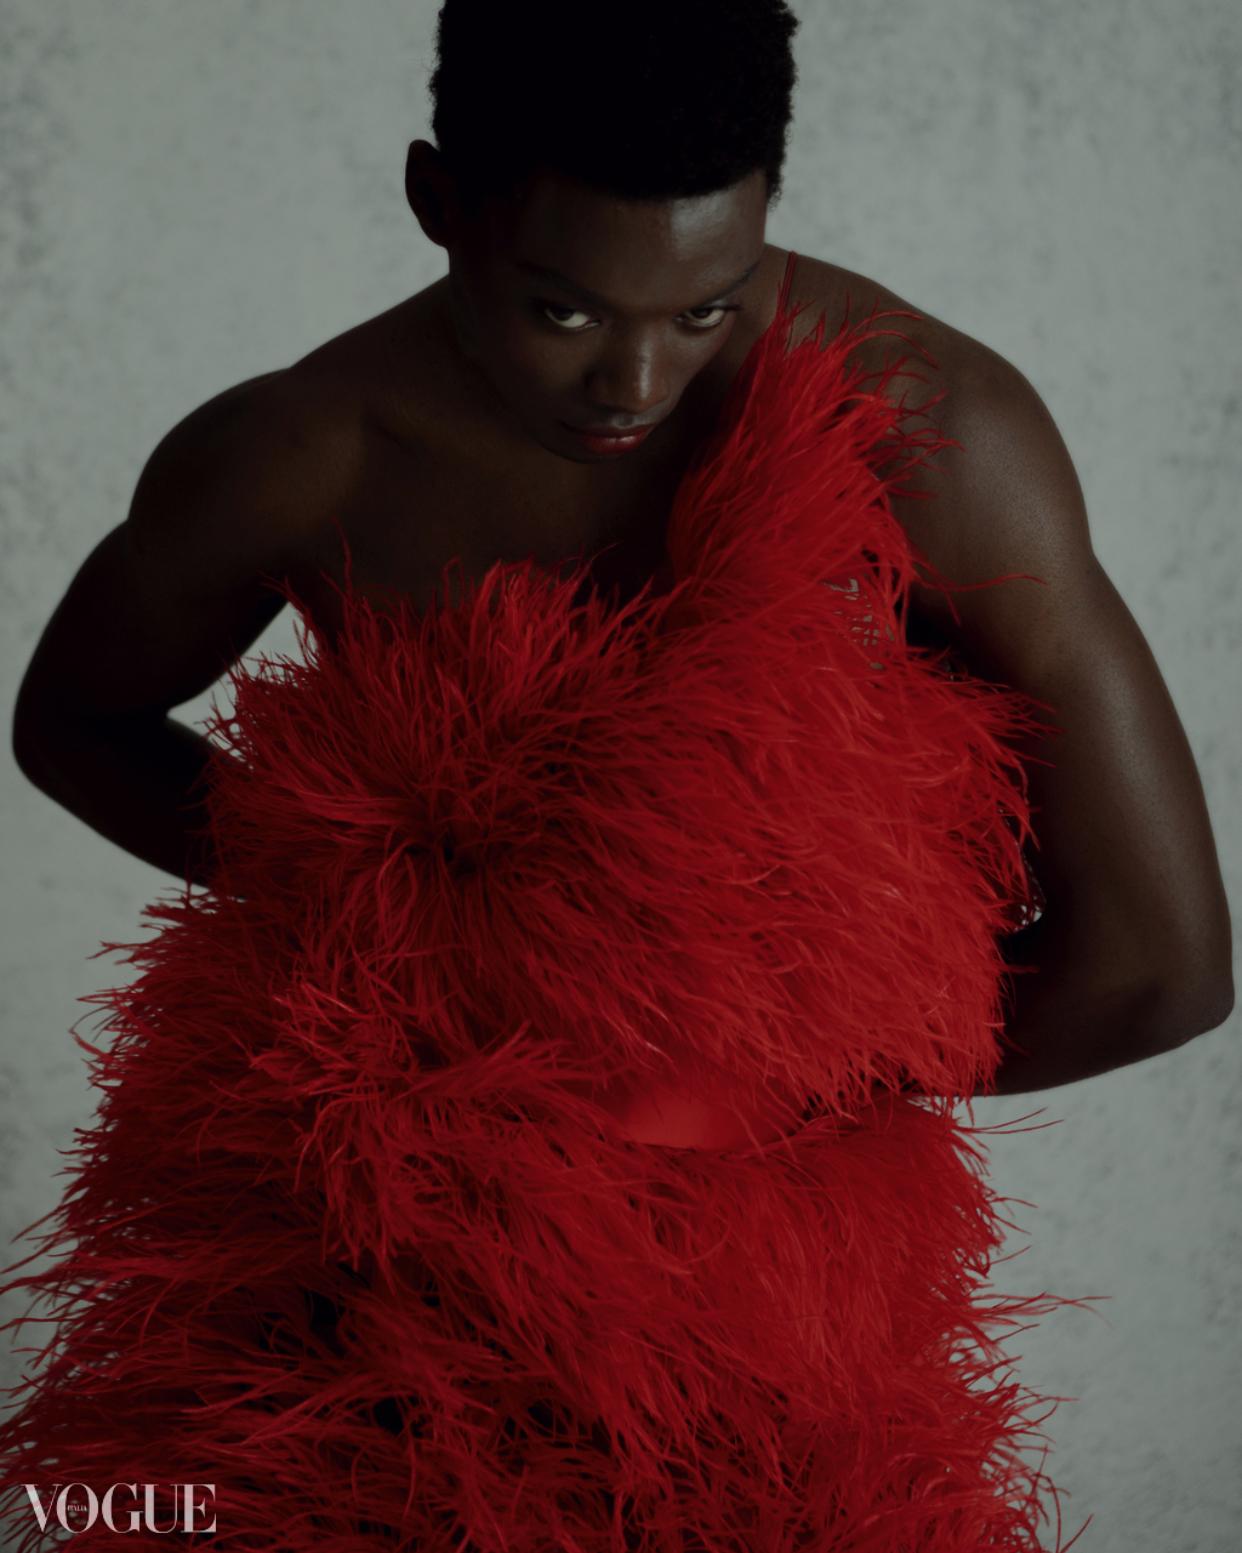 """Đây không phải lần đầu tiên NTK Trần Hùng có thiết kế lên tạp chí Vogue nổi tiếng thế giới. Trước đó, trong tuần lễ Paris Fashion Week Xuân Hè 2018, """"nàng thơ"""" Thùy Trang cùng các thiết kế trong BST """"The lovers"""" của anh lần đầu tiên được lên trang web của Vogue Ý."""